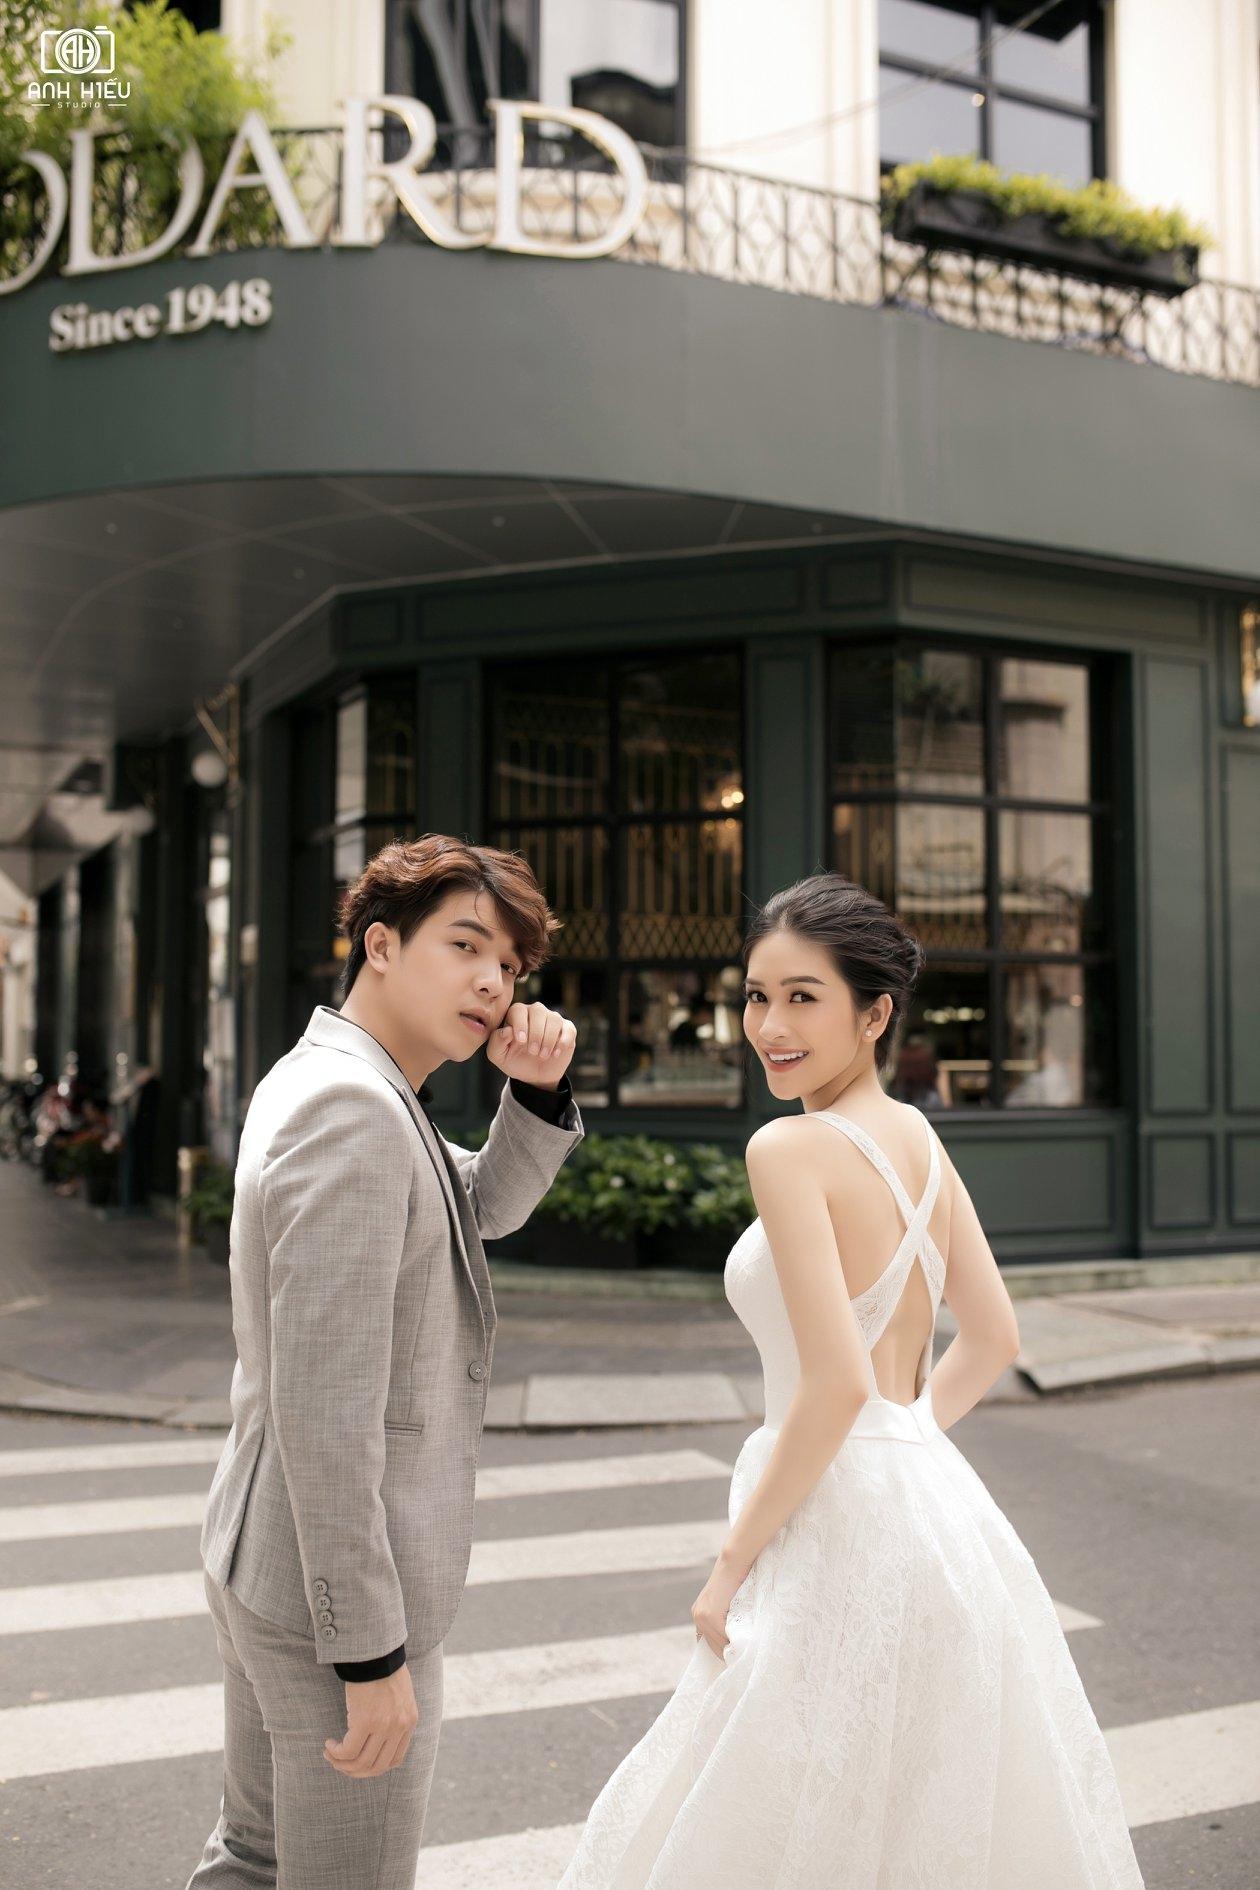 Hinh Cuoi Sai Gon Pho Album 4 (17)